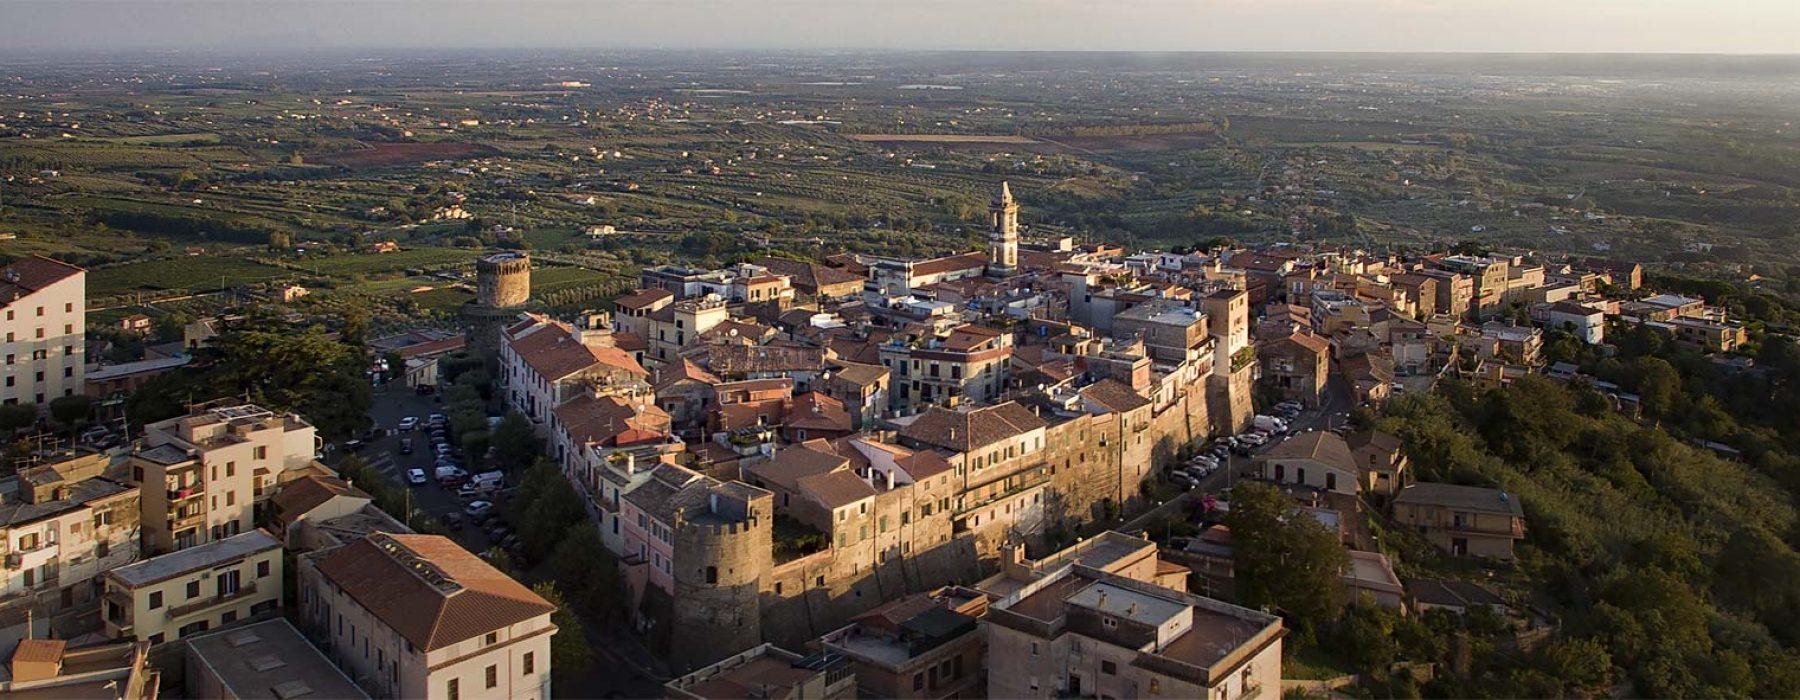 Lanuvio, the pearl of the Castelli Romani: where history meets legend